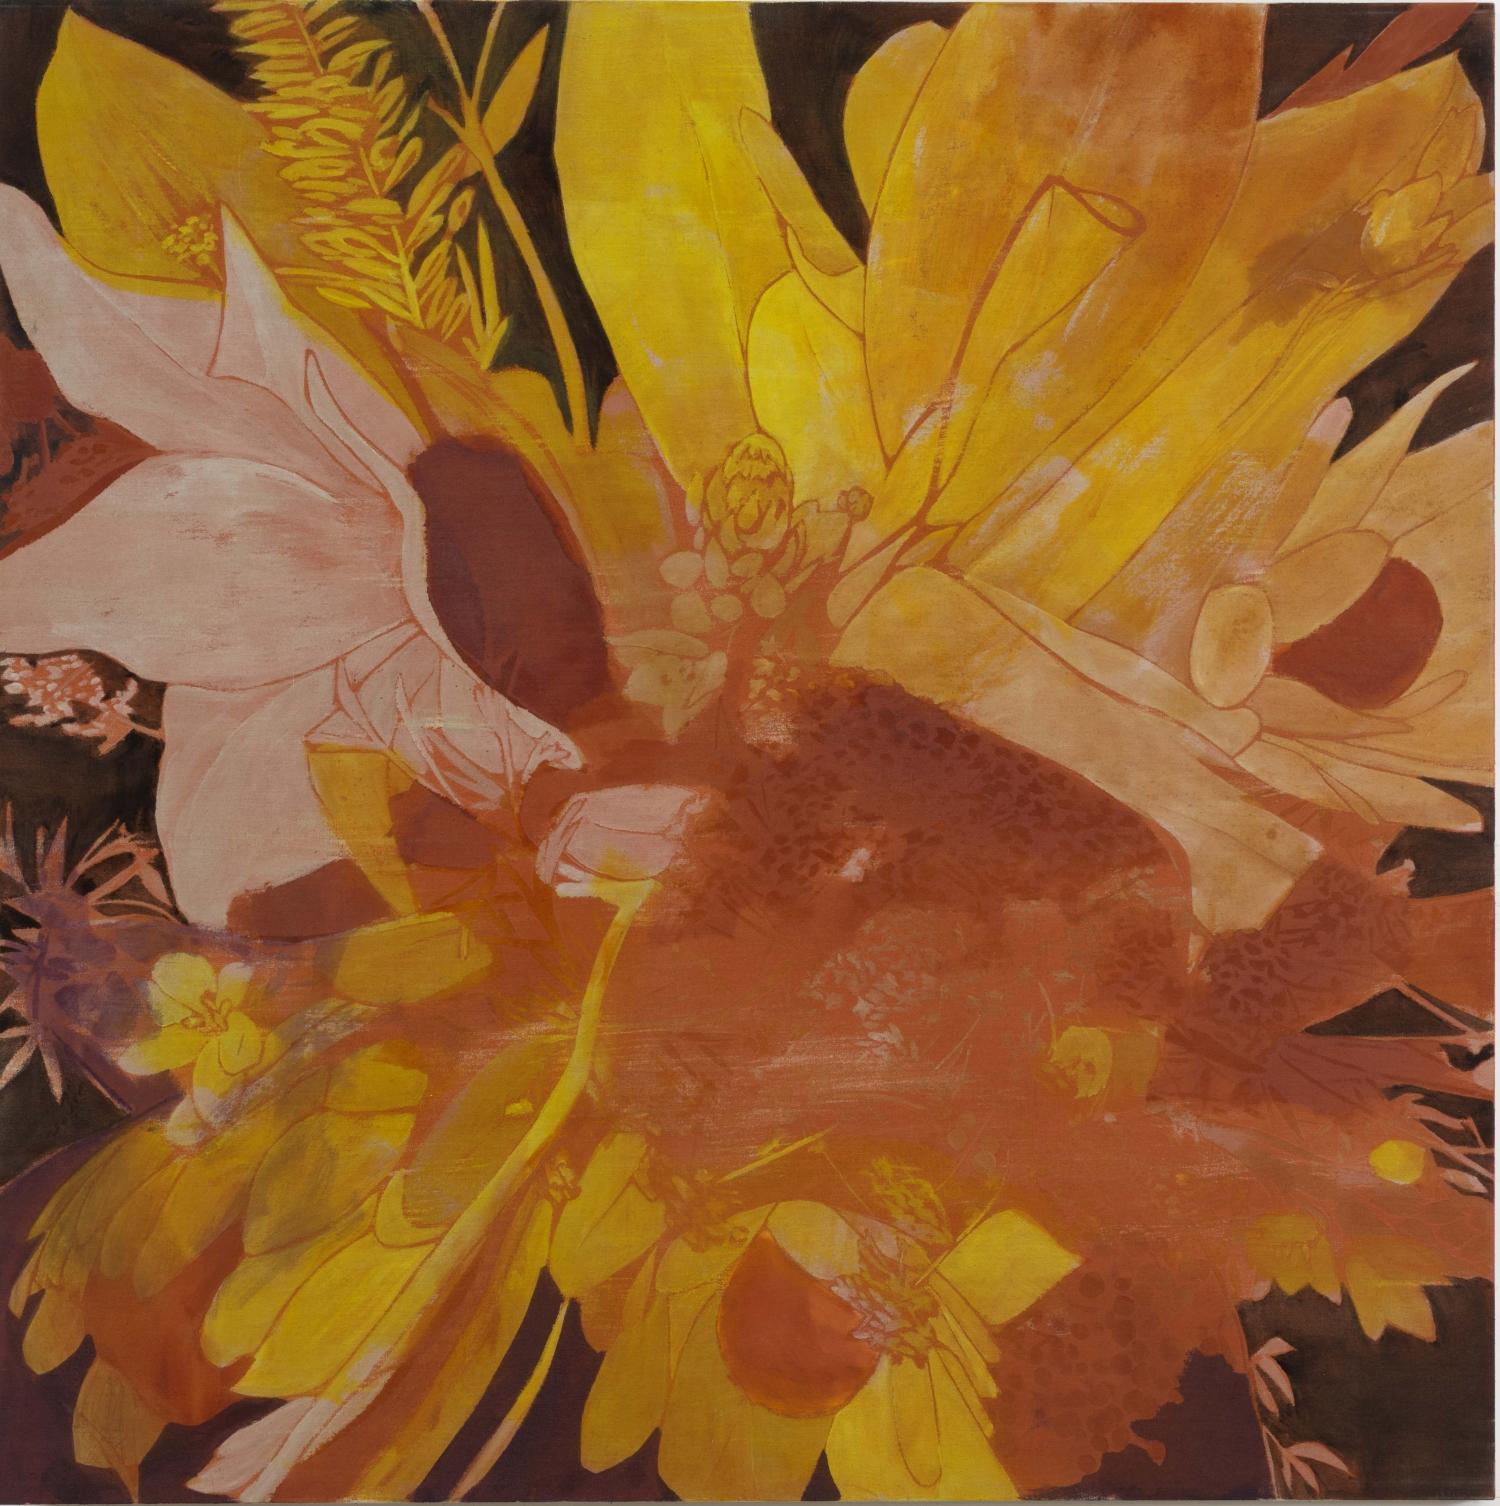 Winter Flower, 2014 tecnica mista su lino, 182,8 x 182,8 cm collezione dell'artista, New York